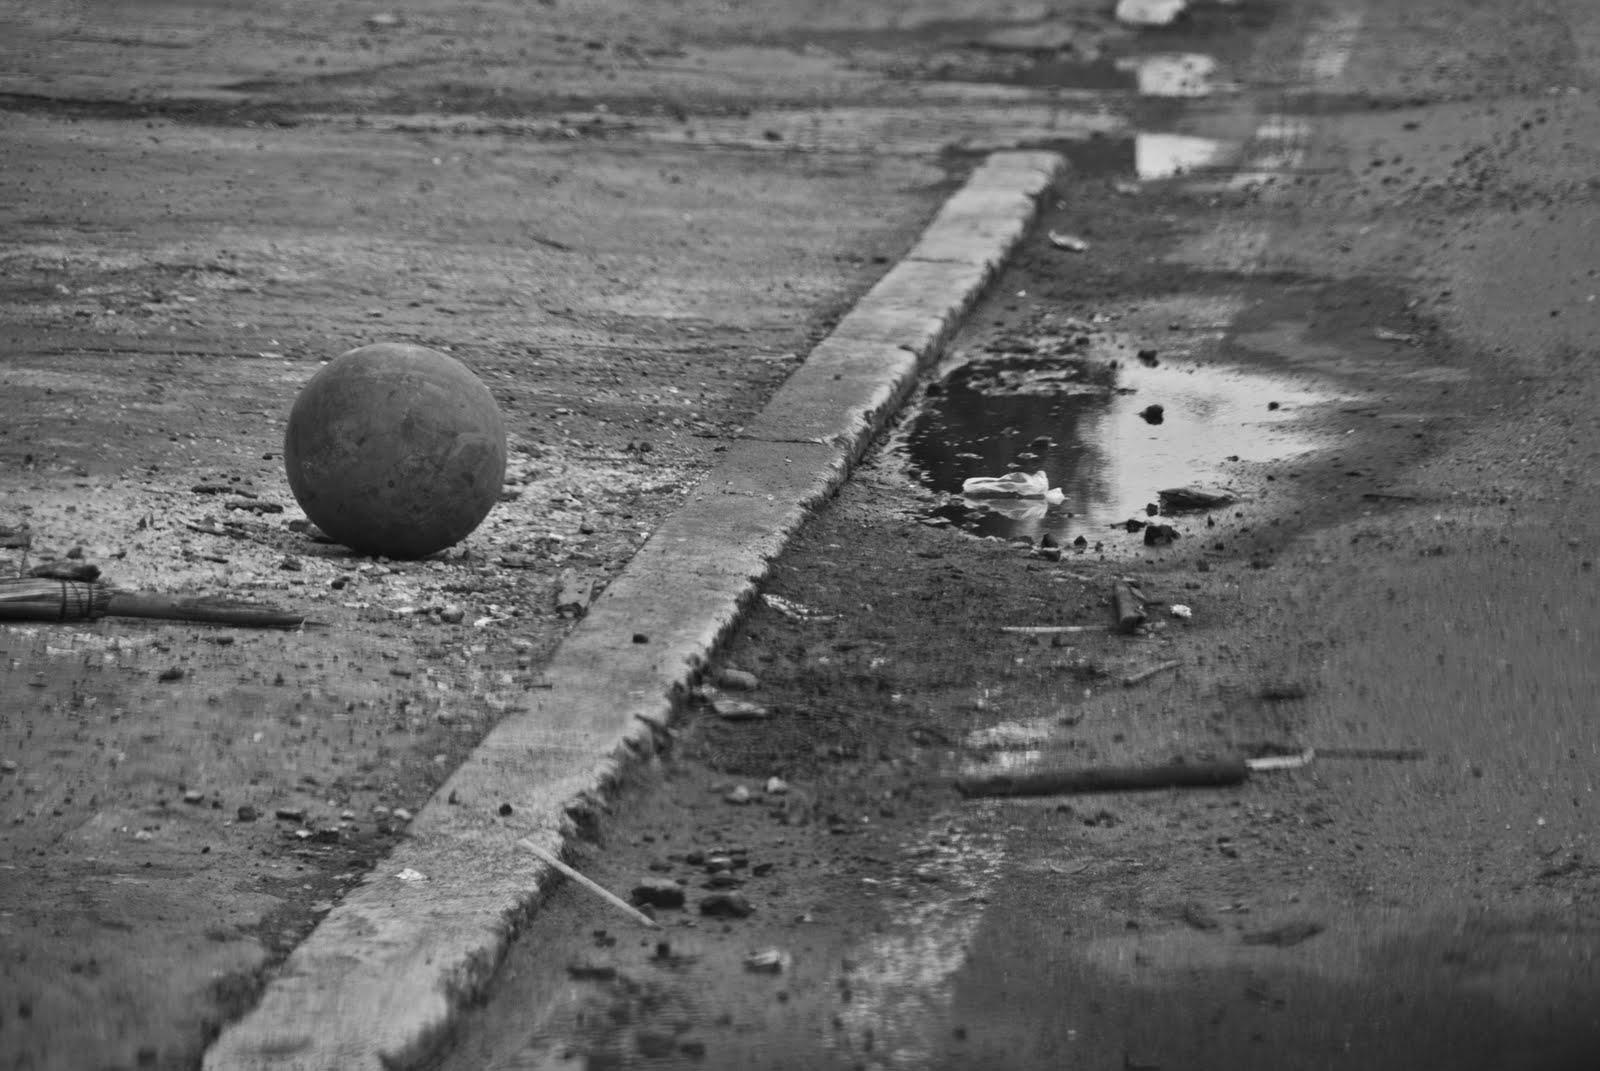 Manifiesto del fútbol callejero - Panenka